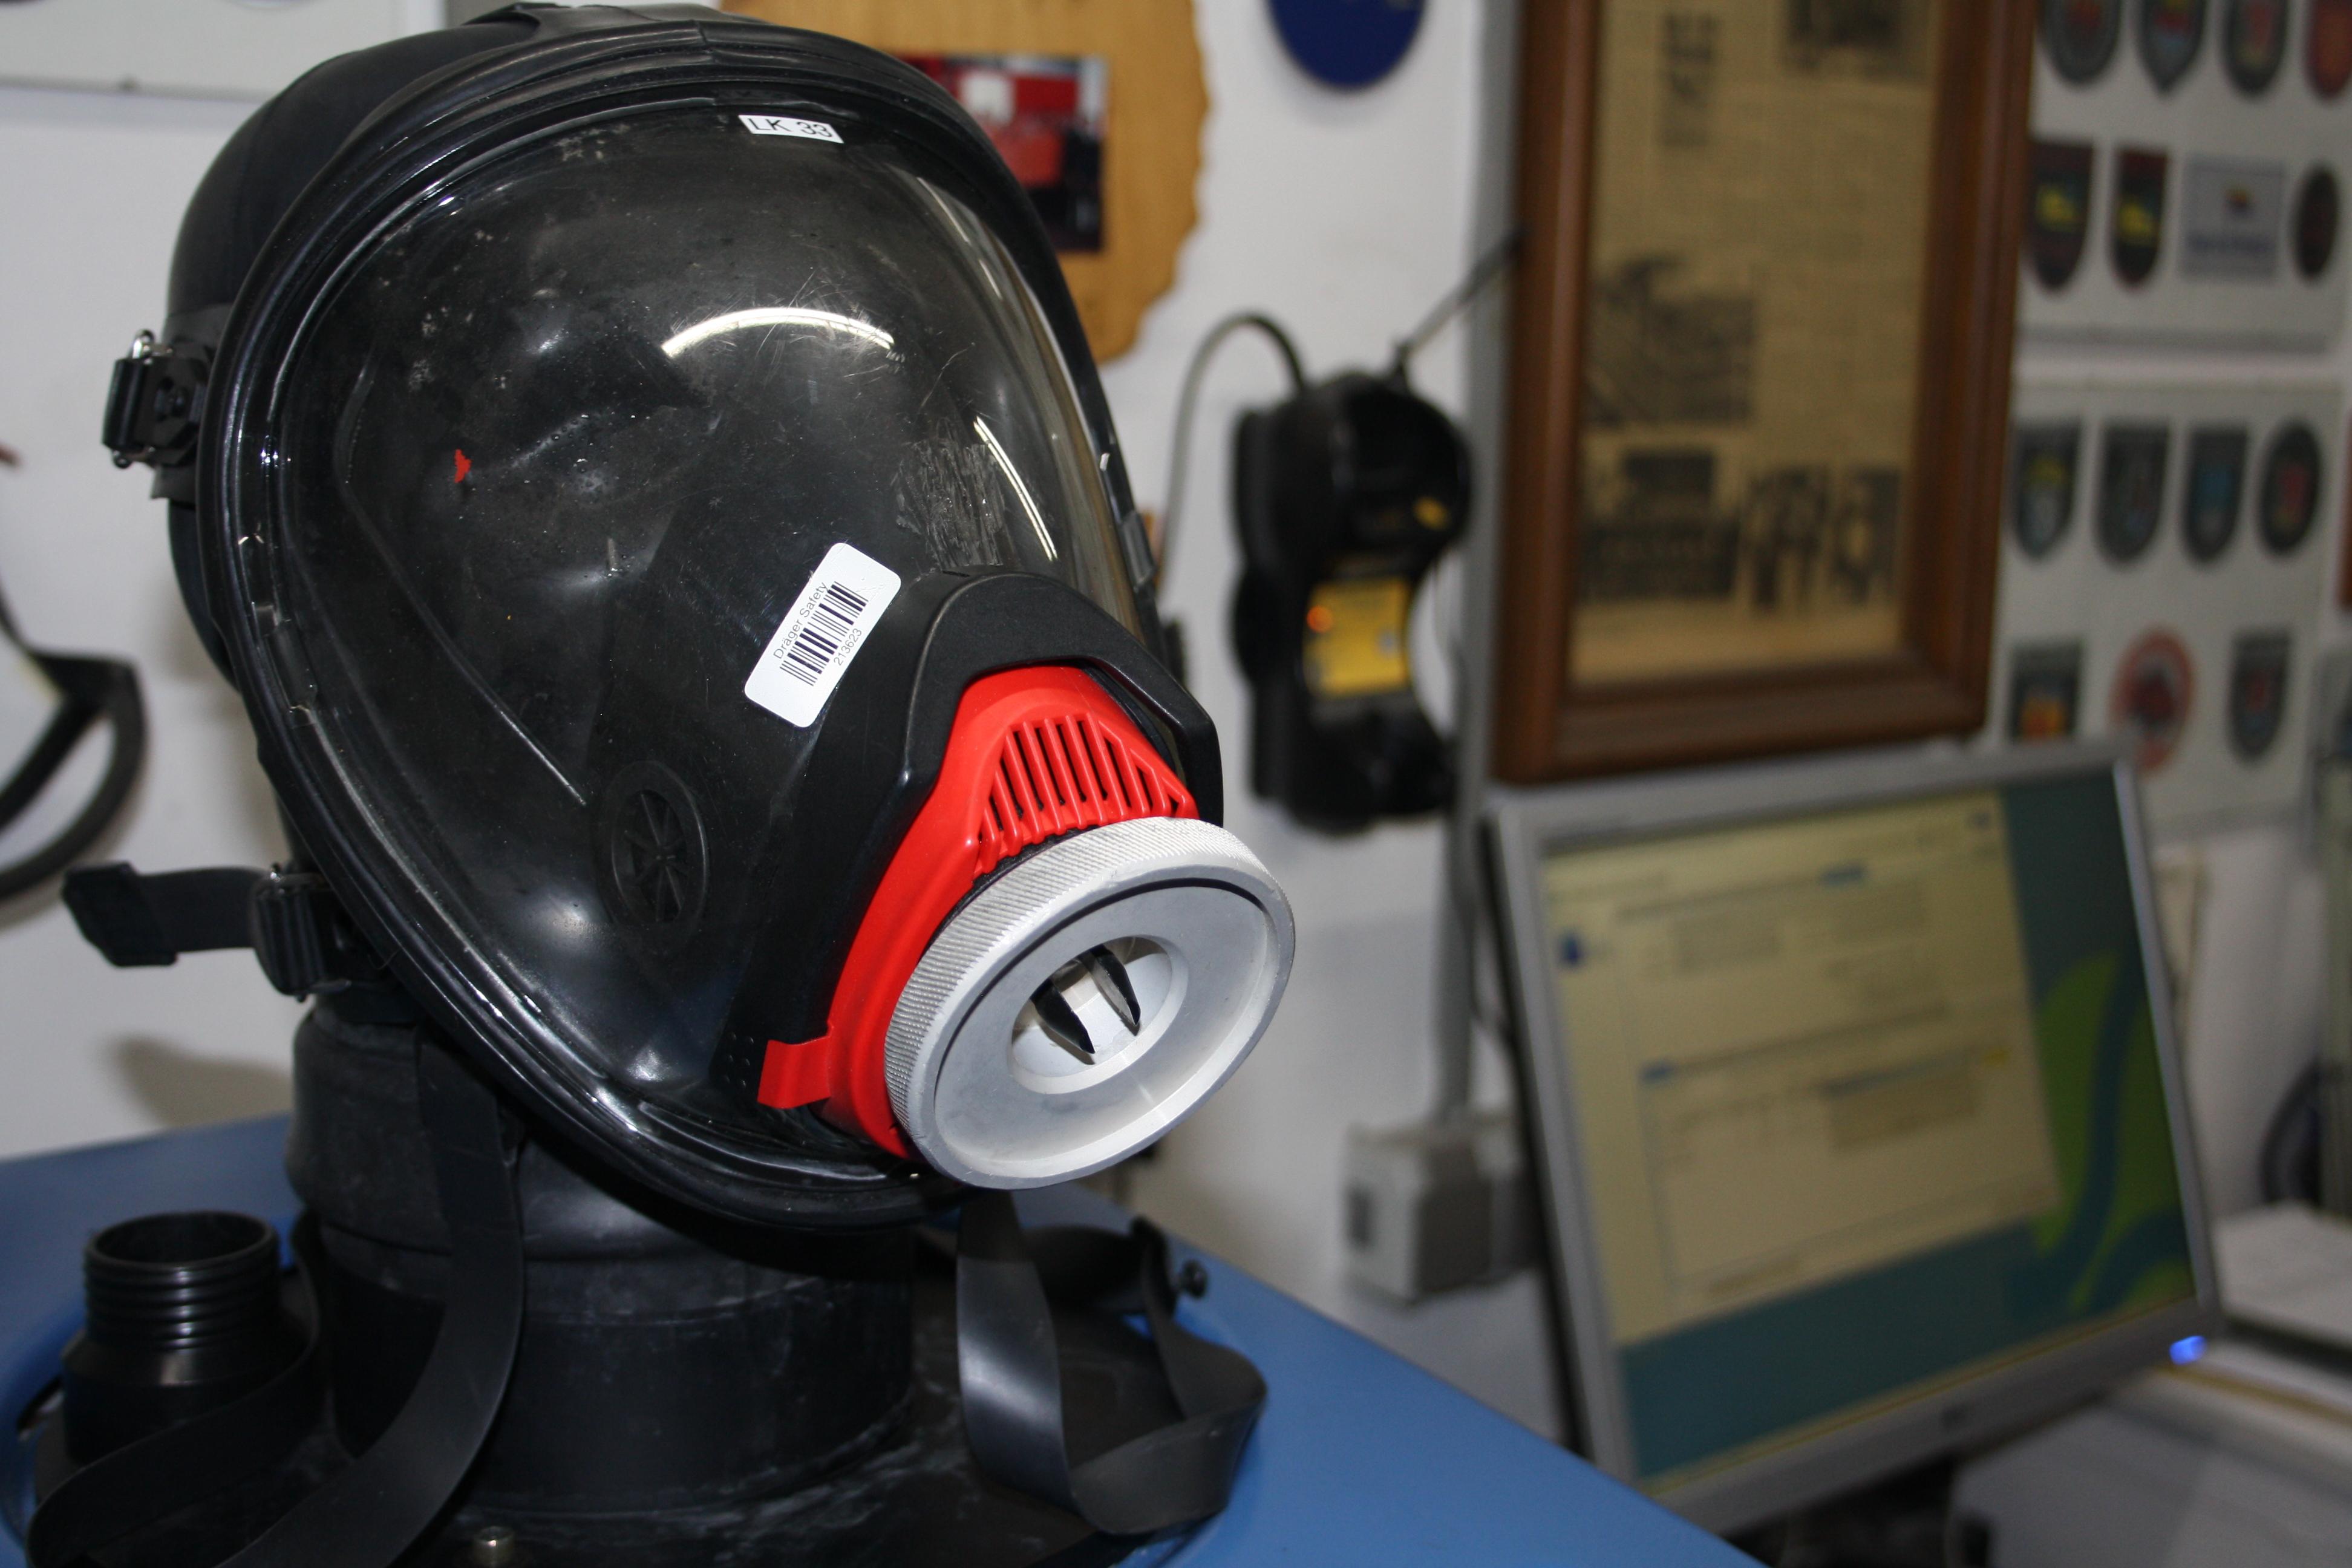 Prüfung von Atemschutzgeräten